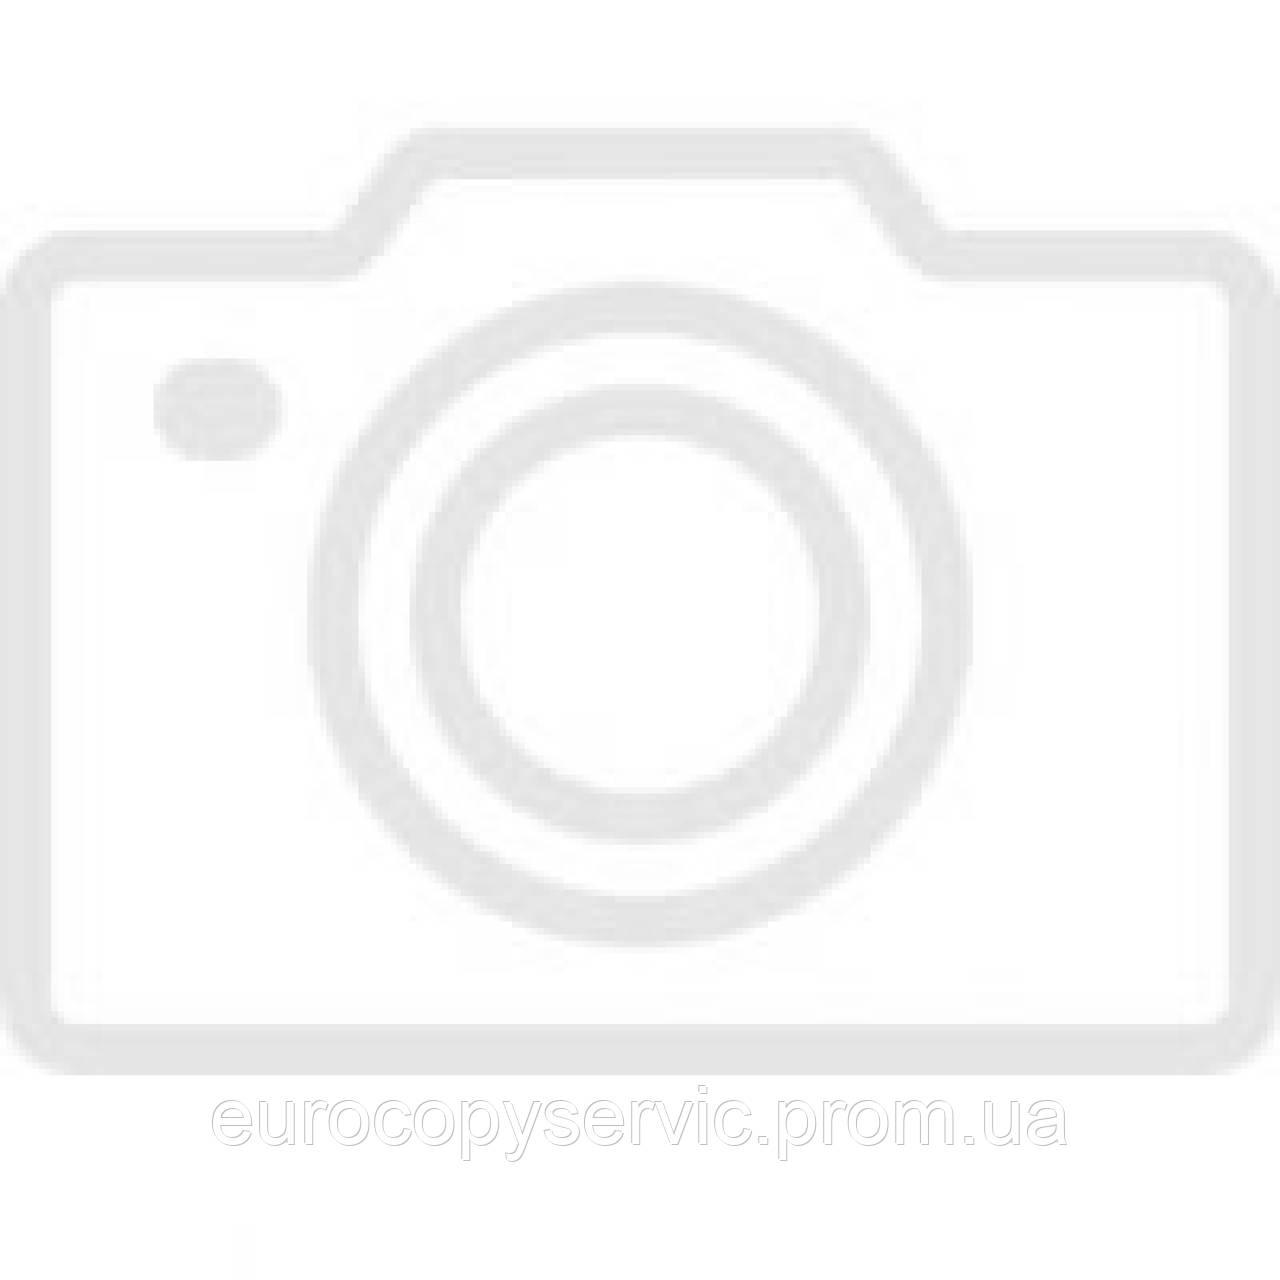 Плата форматування (базова модель) HP LaserJet CM1312 MFP (CC397-60001/ОЕМ)